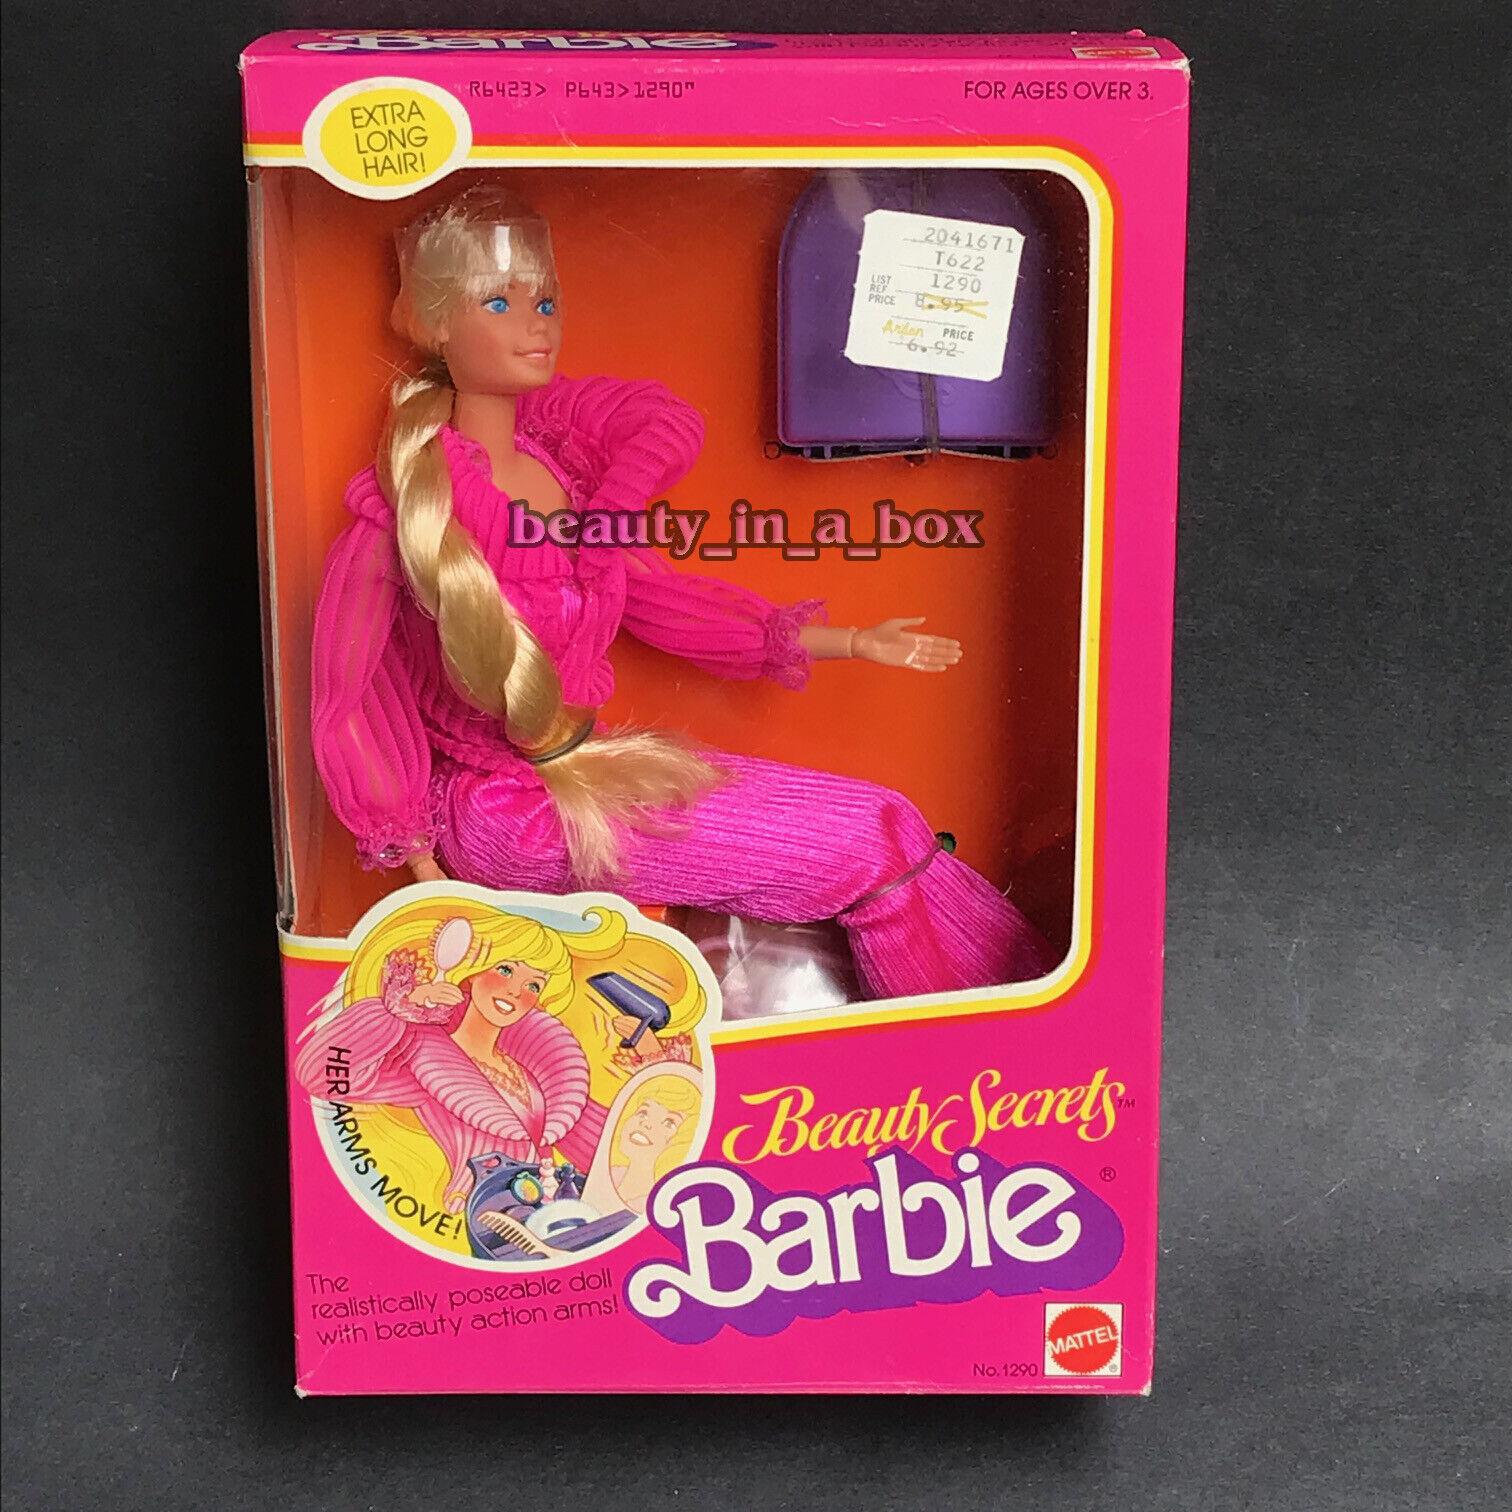 1979 secretos de belleza Muñeca Barbie Clásico Nº 1290 excelente caja de plástico transparente